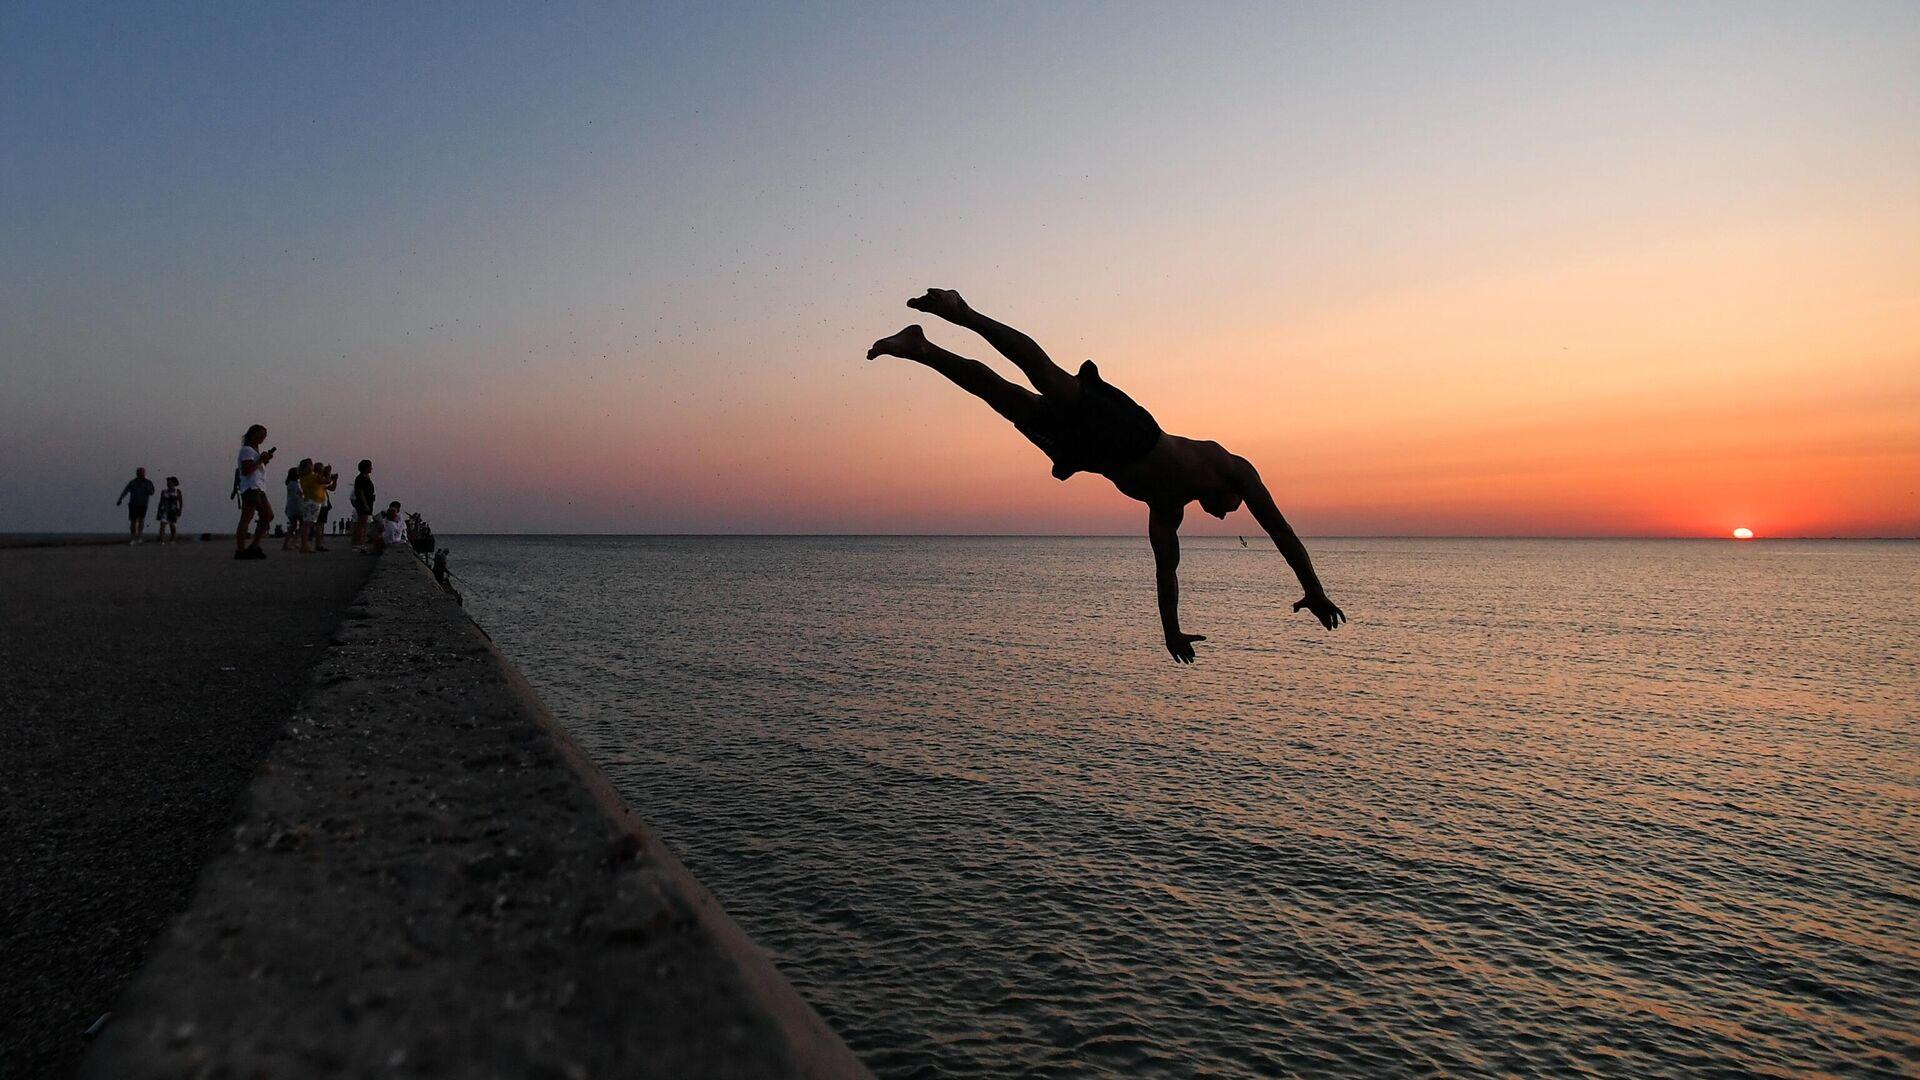 Мужчина прыгает с пирса в курортном поселке Новофедоровка Сакского района в Крыму - РИА Новости, 1920, 04.08.2021